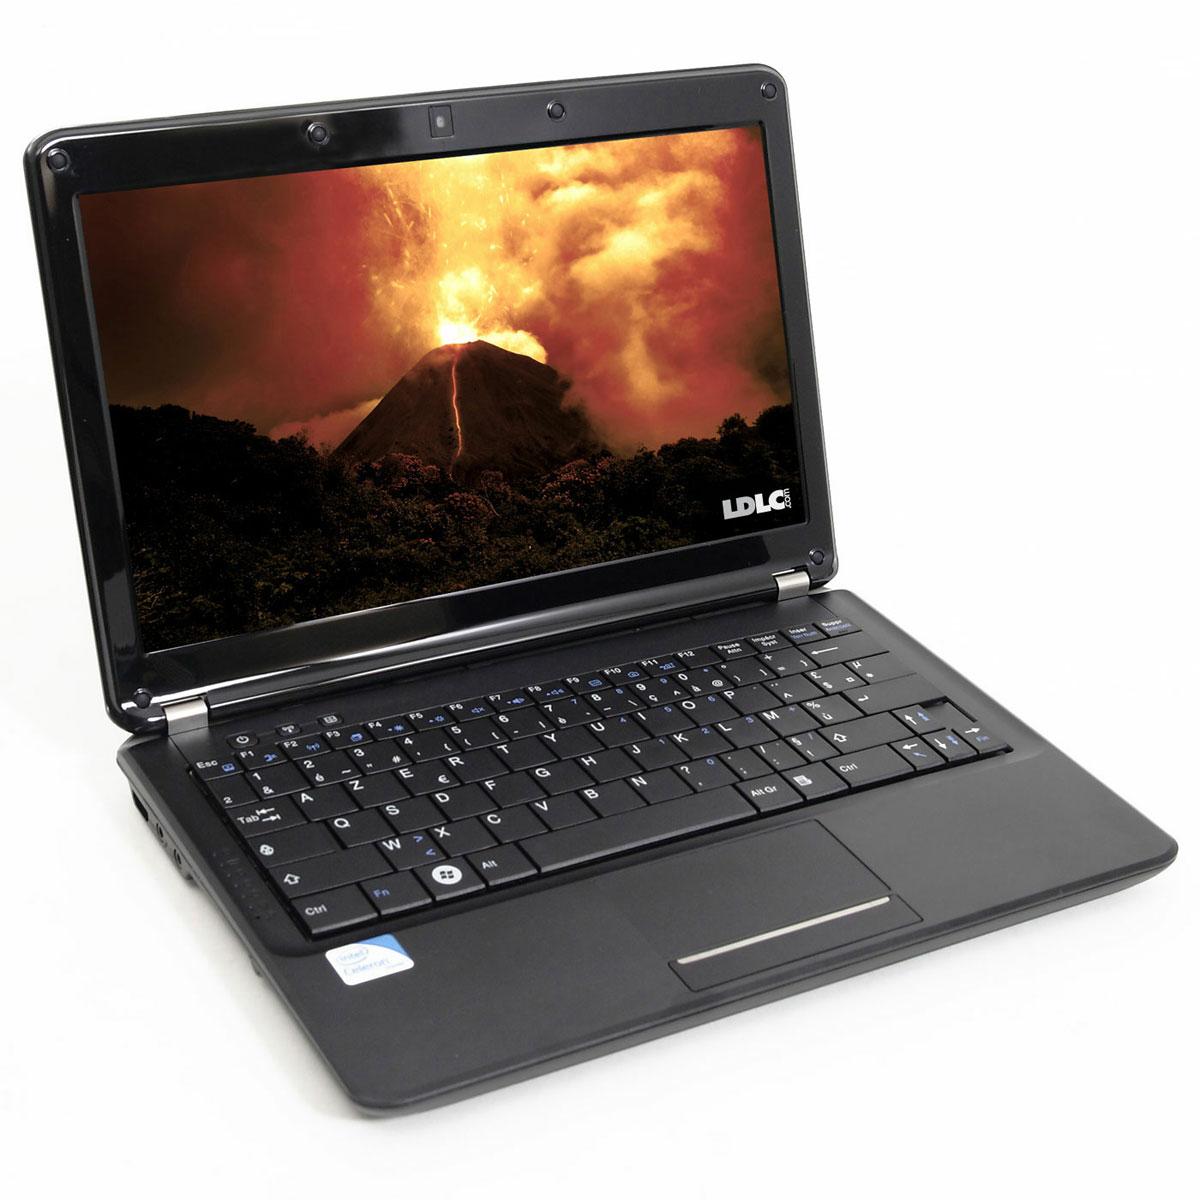 """PC portable LDLC Vulcain SM2-2-H32 Intel Core 2 Duo SU7300 2 Go 320 Go 11.6"""" LCD Wi-Fi N/Bluetooth Webcam (sans OS)"""